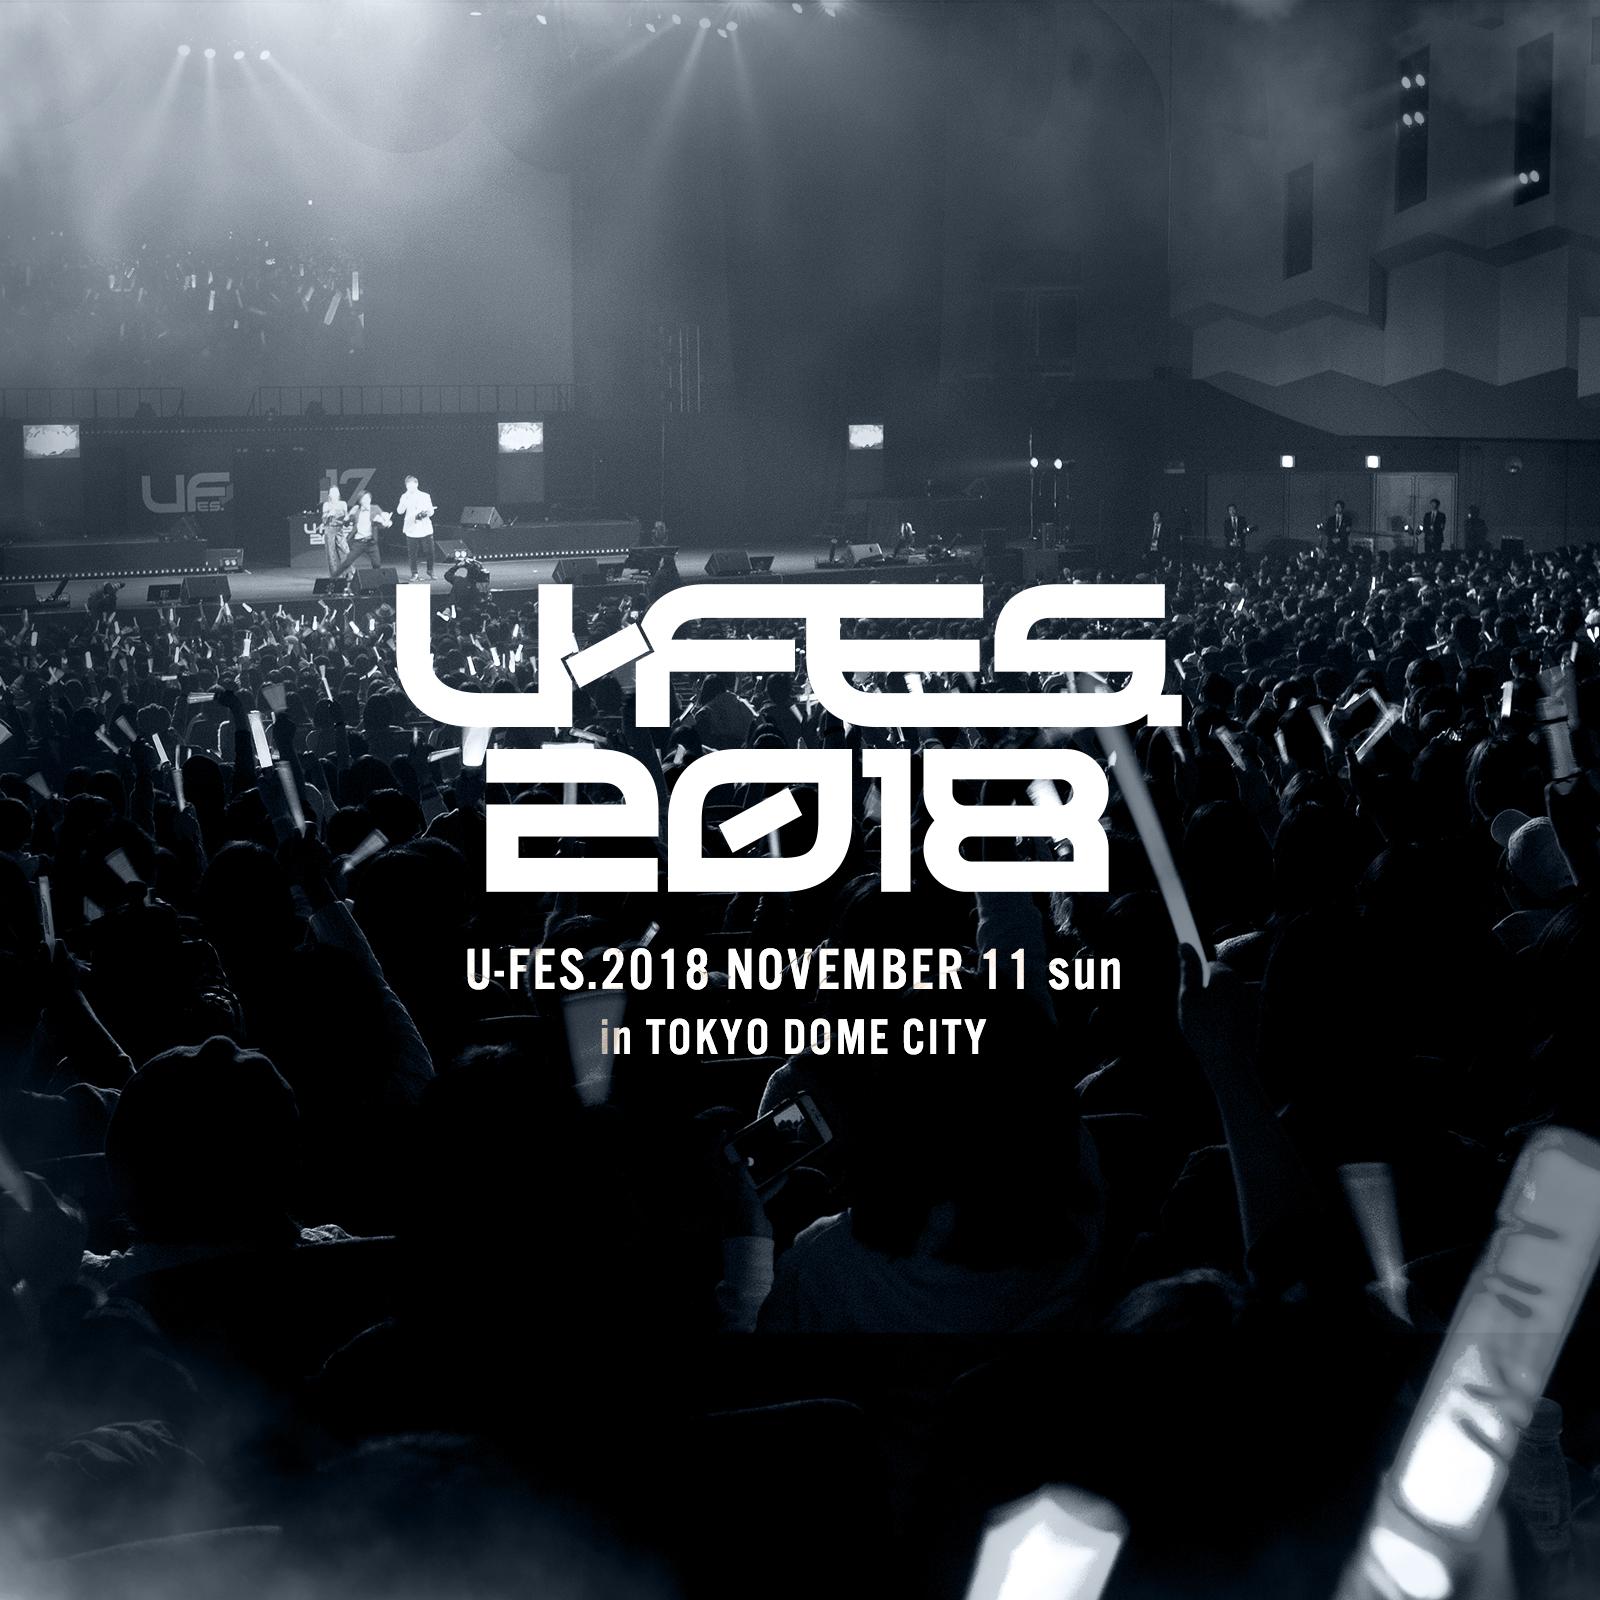 『U-FES.2018』11.11 東京ドームシティ全体がU-FES.の会場に。